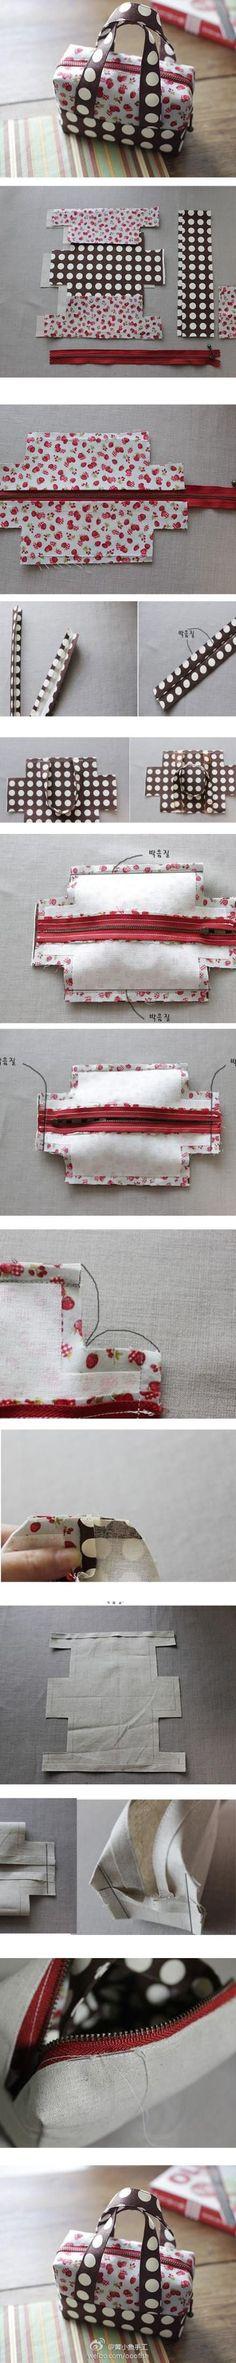 Nähmaschinen-Tasche  Diese und weitere Taschen auf www.designertaschen-shops.de entdecken